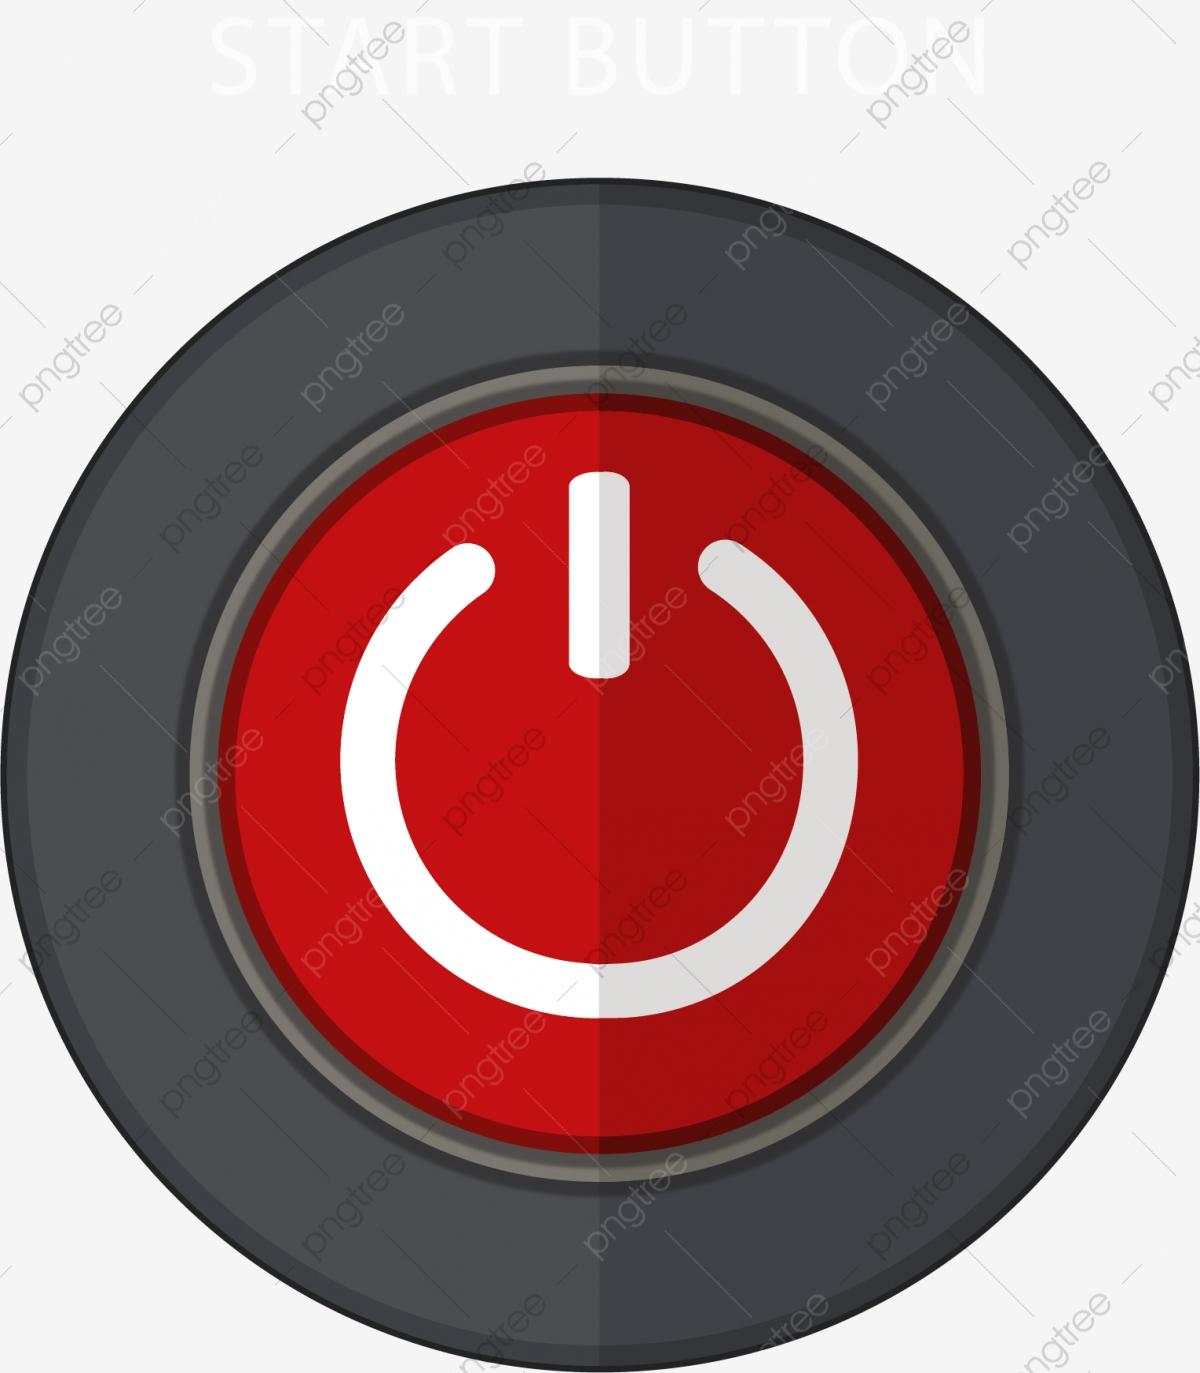 El Botón Boton Rojo Cambiar Botón De Cambio, El Botón, Botón De.